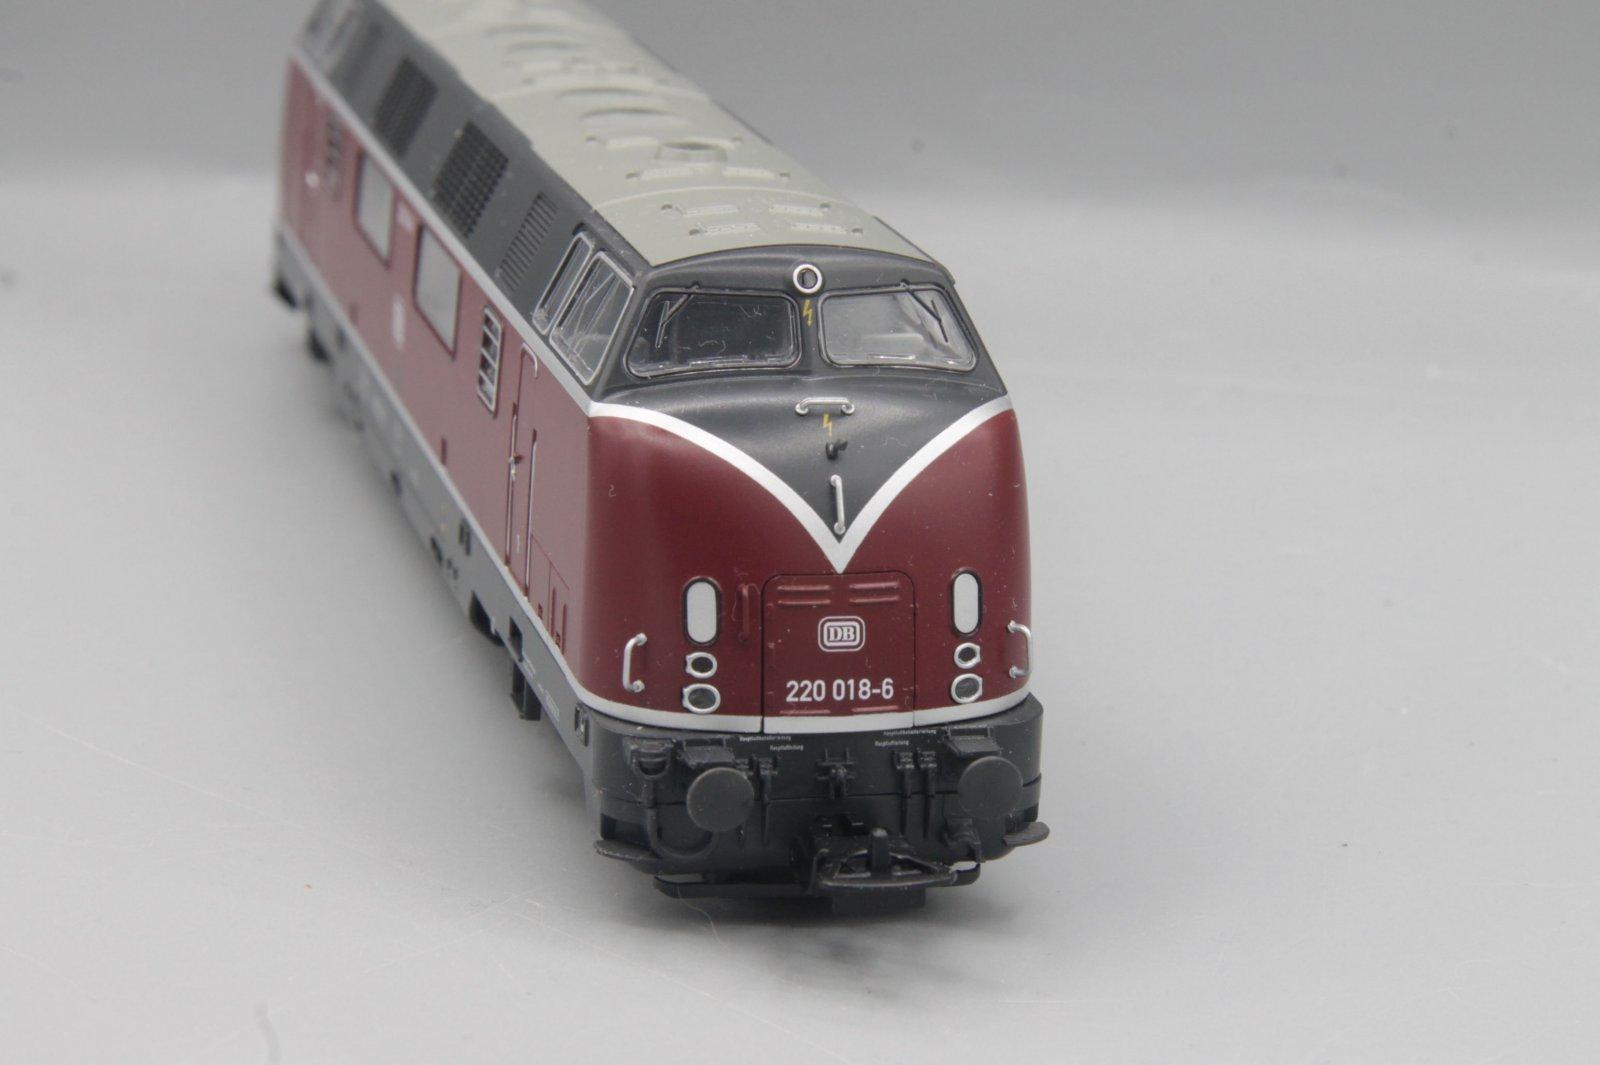 Piko Diesellok 220 018-6 Spur H0 - analog DC für Sound vorbereitet - wie 59706